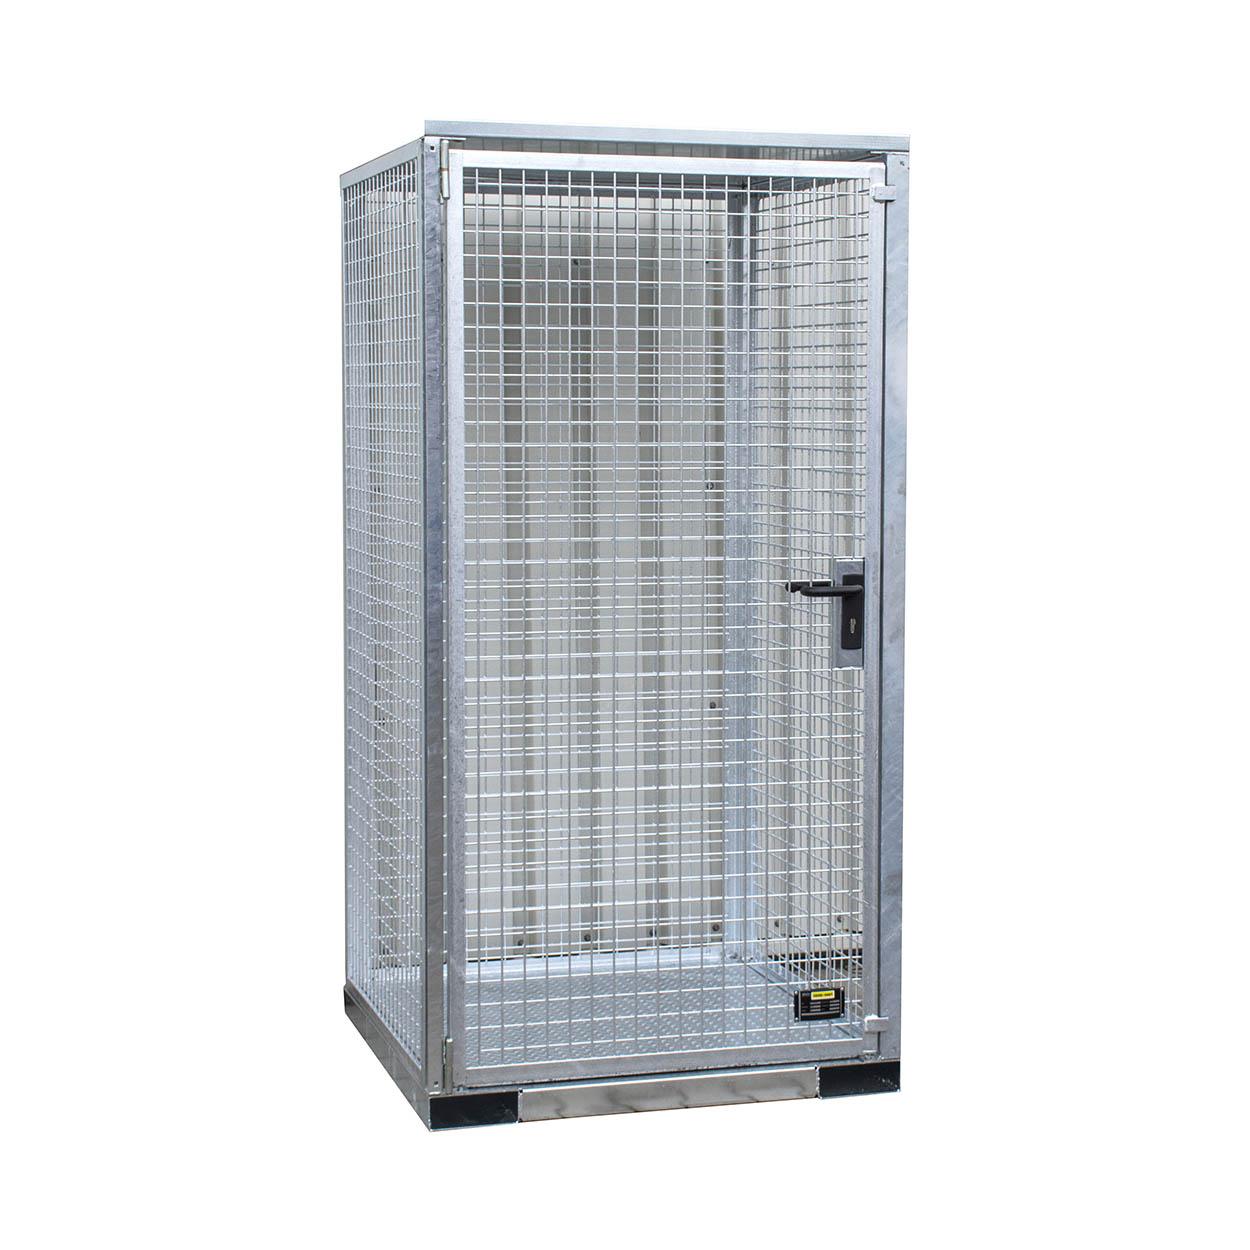 Klec pro skladování tlakových lahví s pevnou podlahou